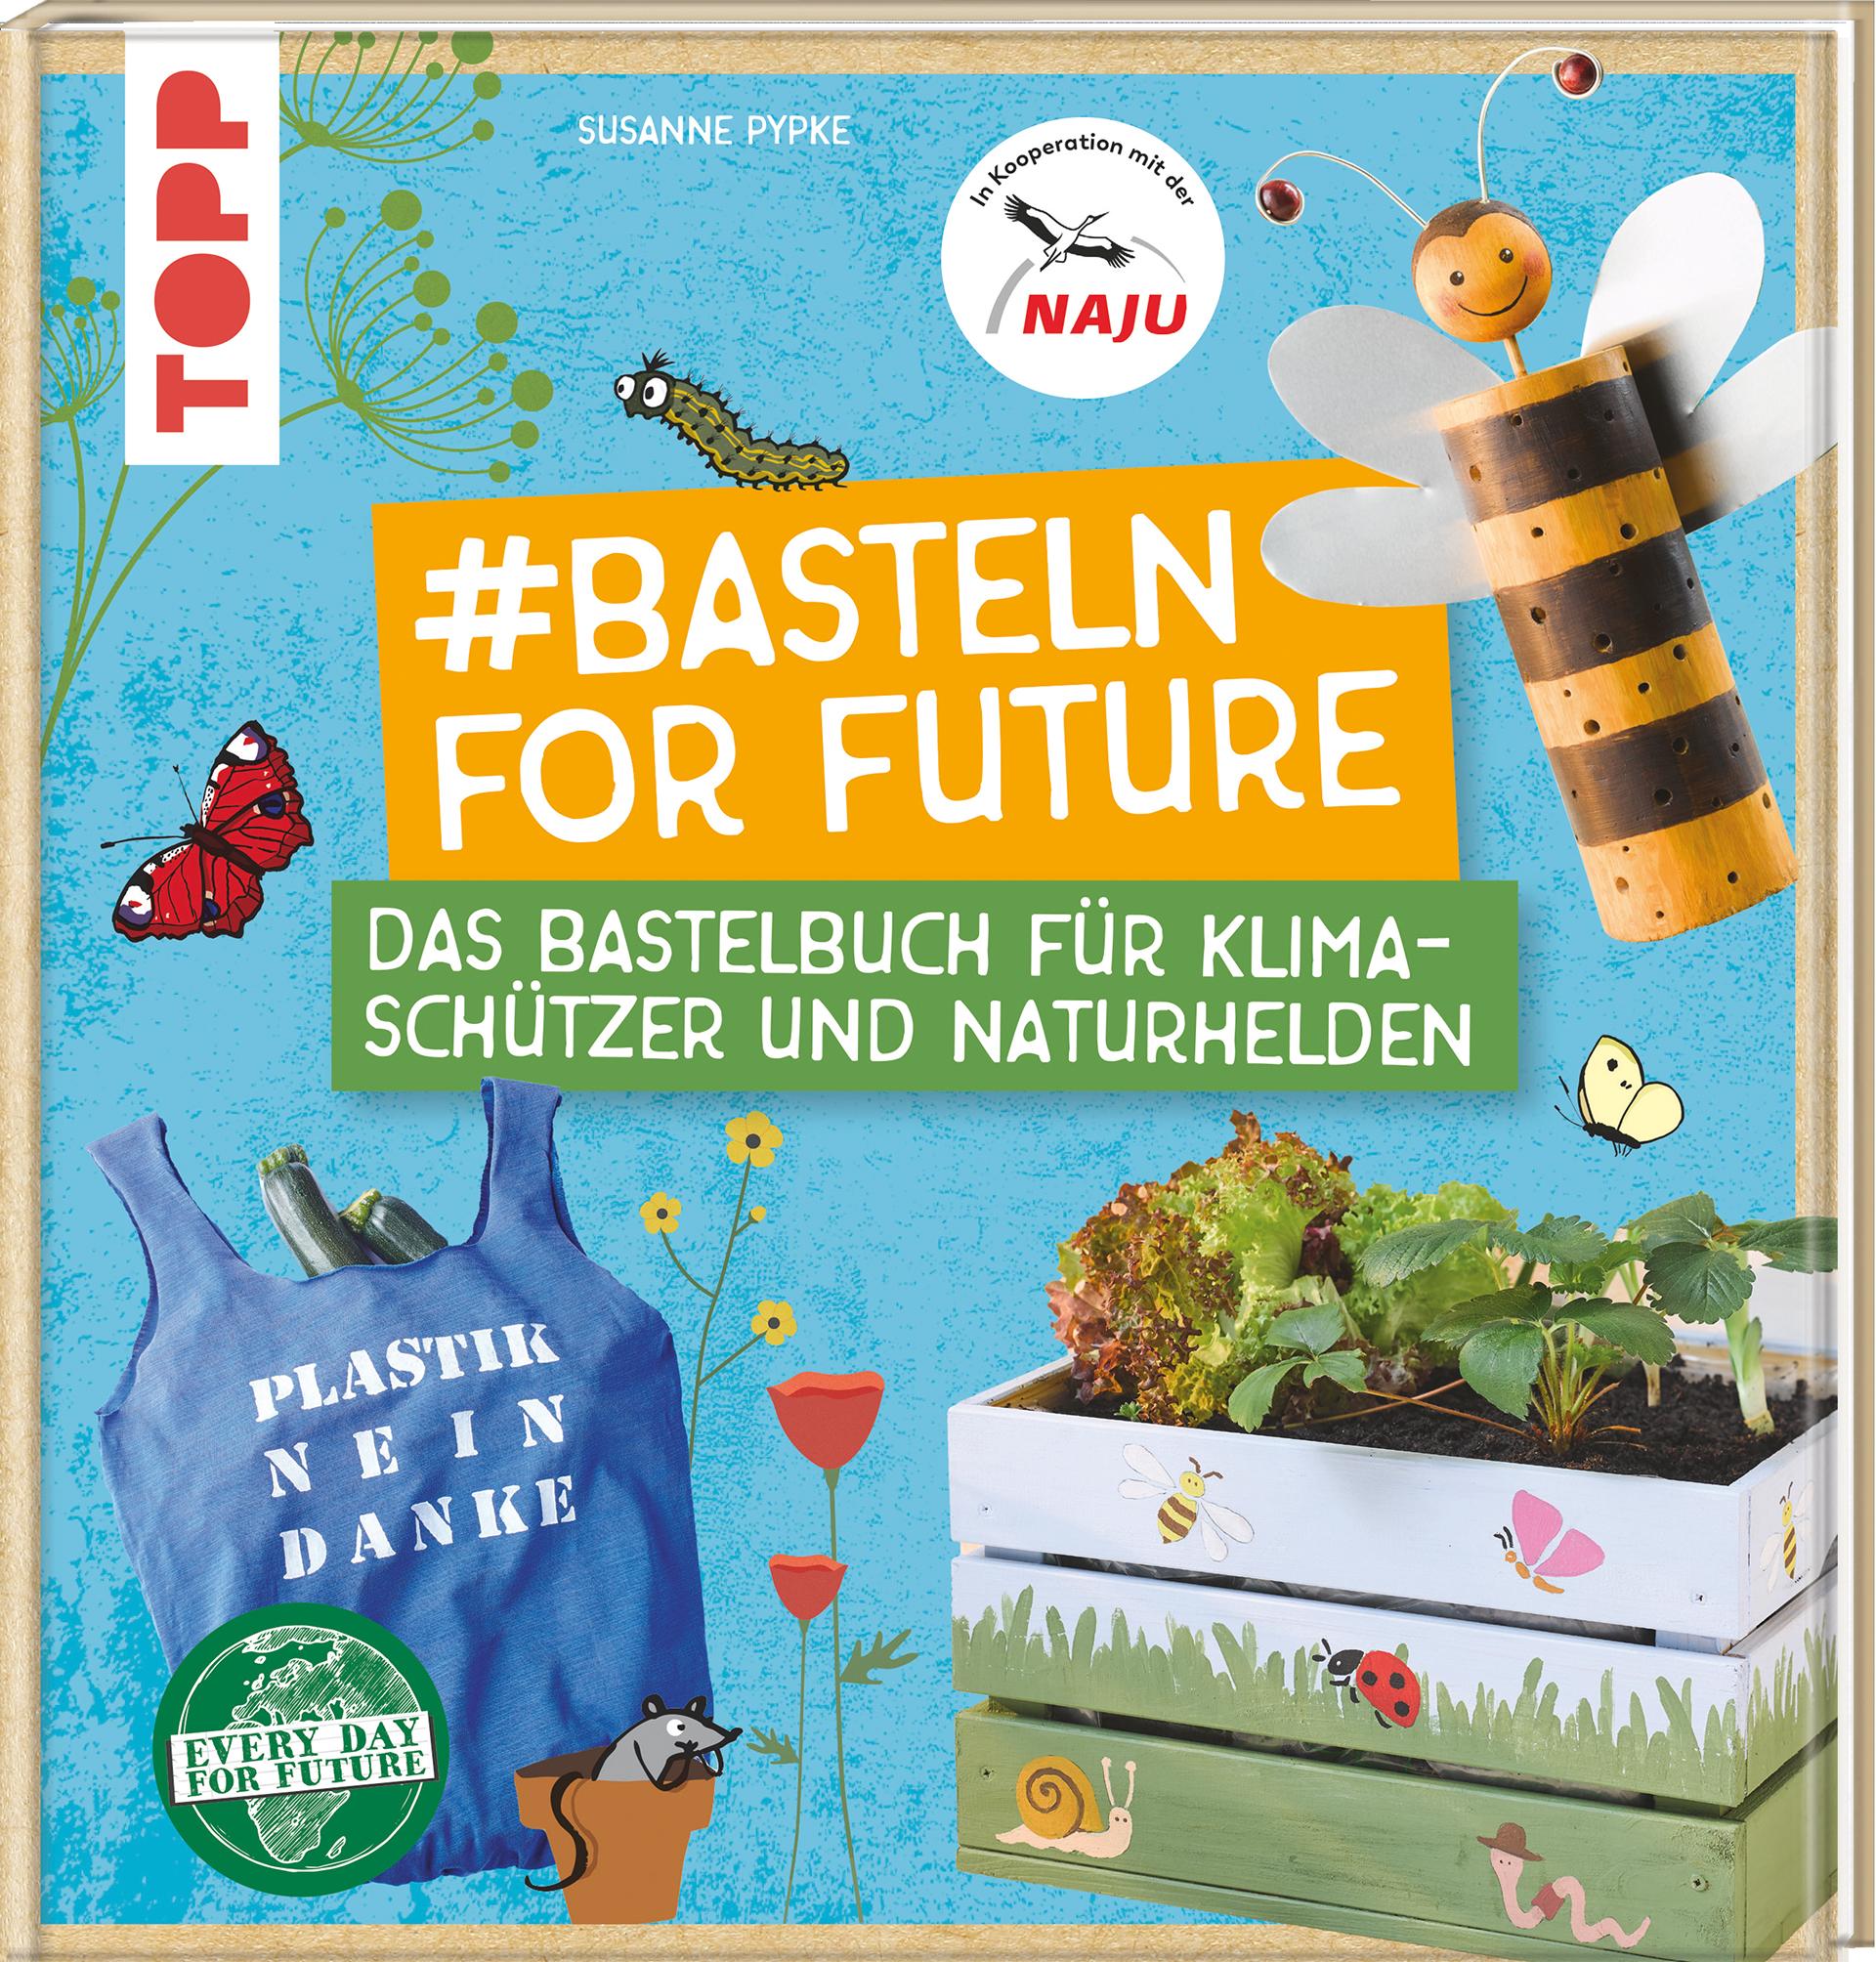 #Basteln for Future: Das Bastelbuch für Klimaschützer und Naturhelden